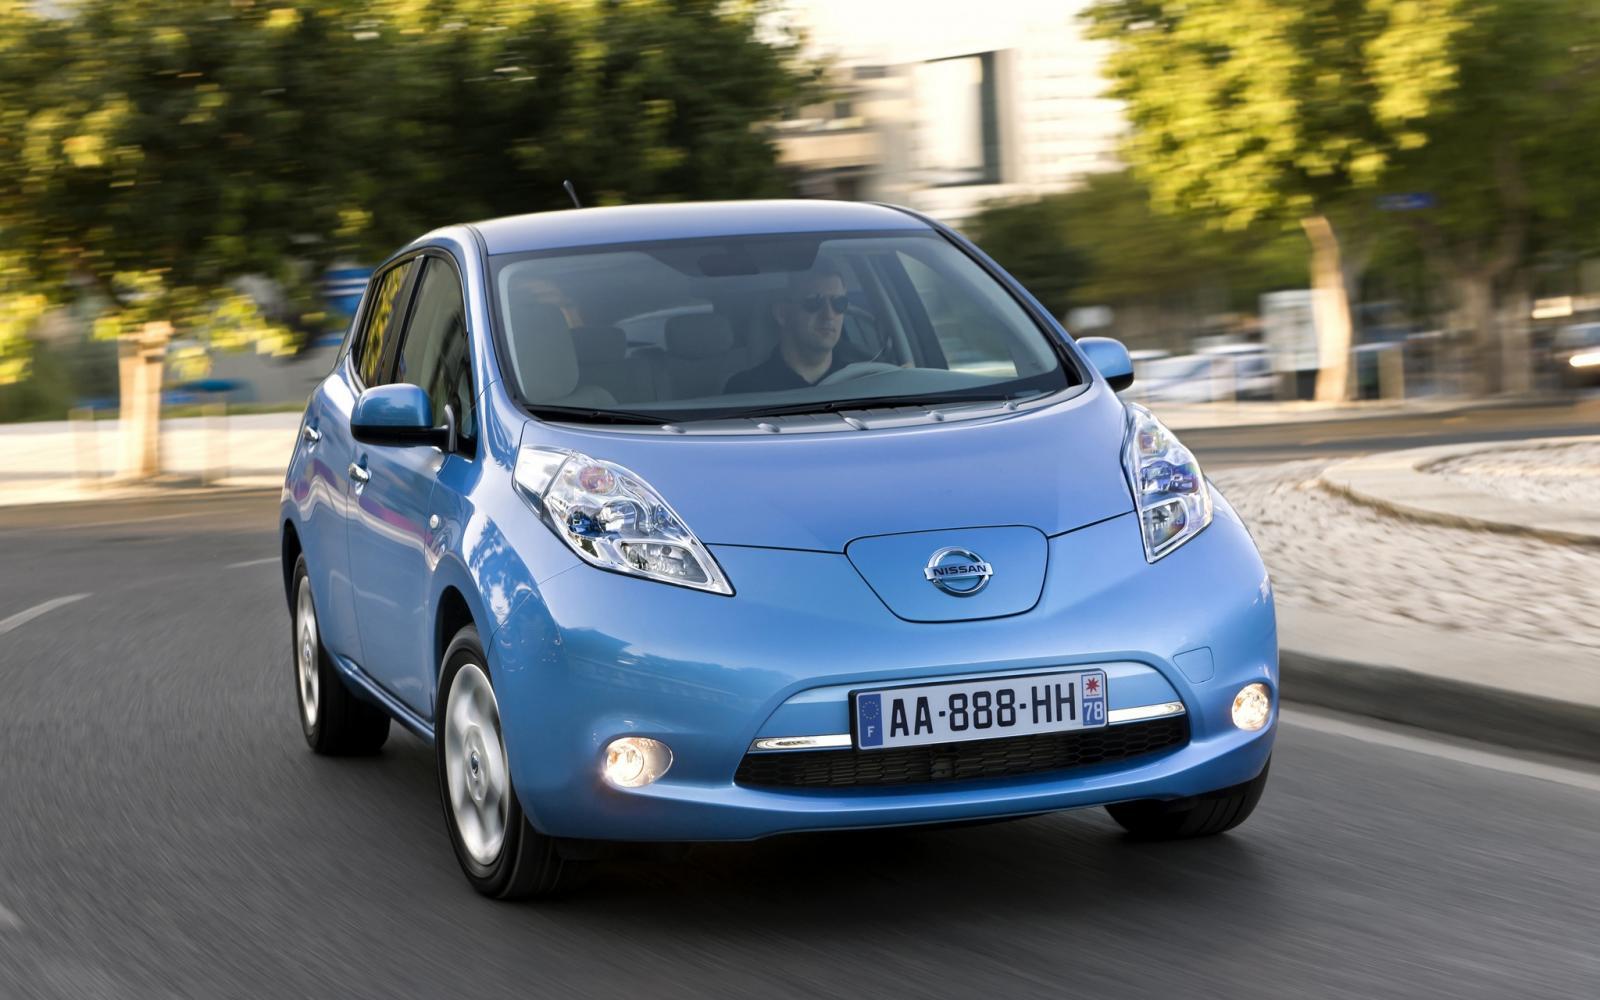 Occasionverkopen 2021 - Bijna niemand wil een tweedehands elektrische auto